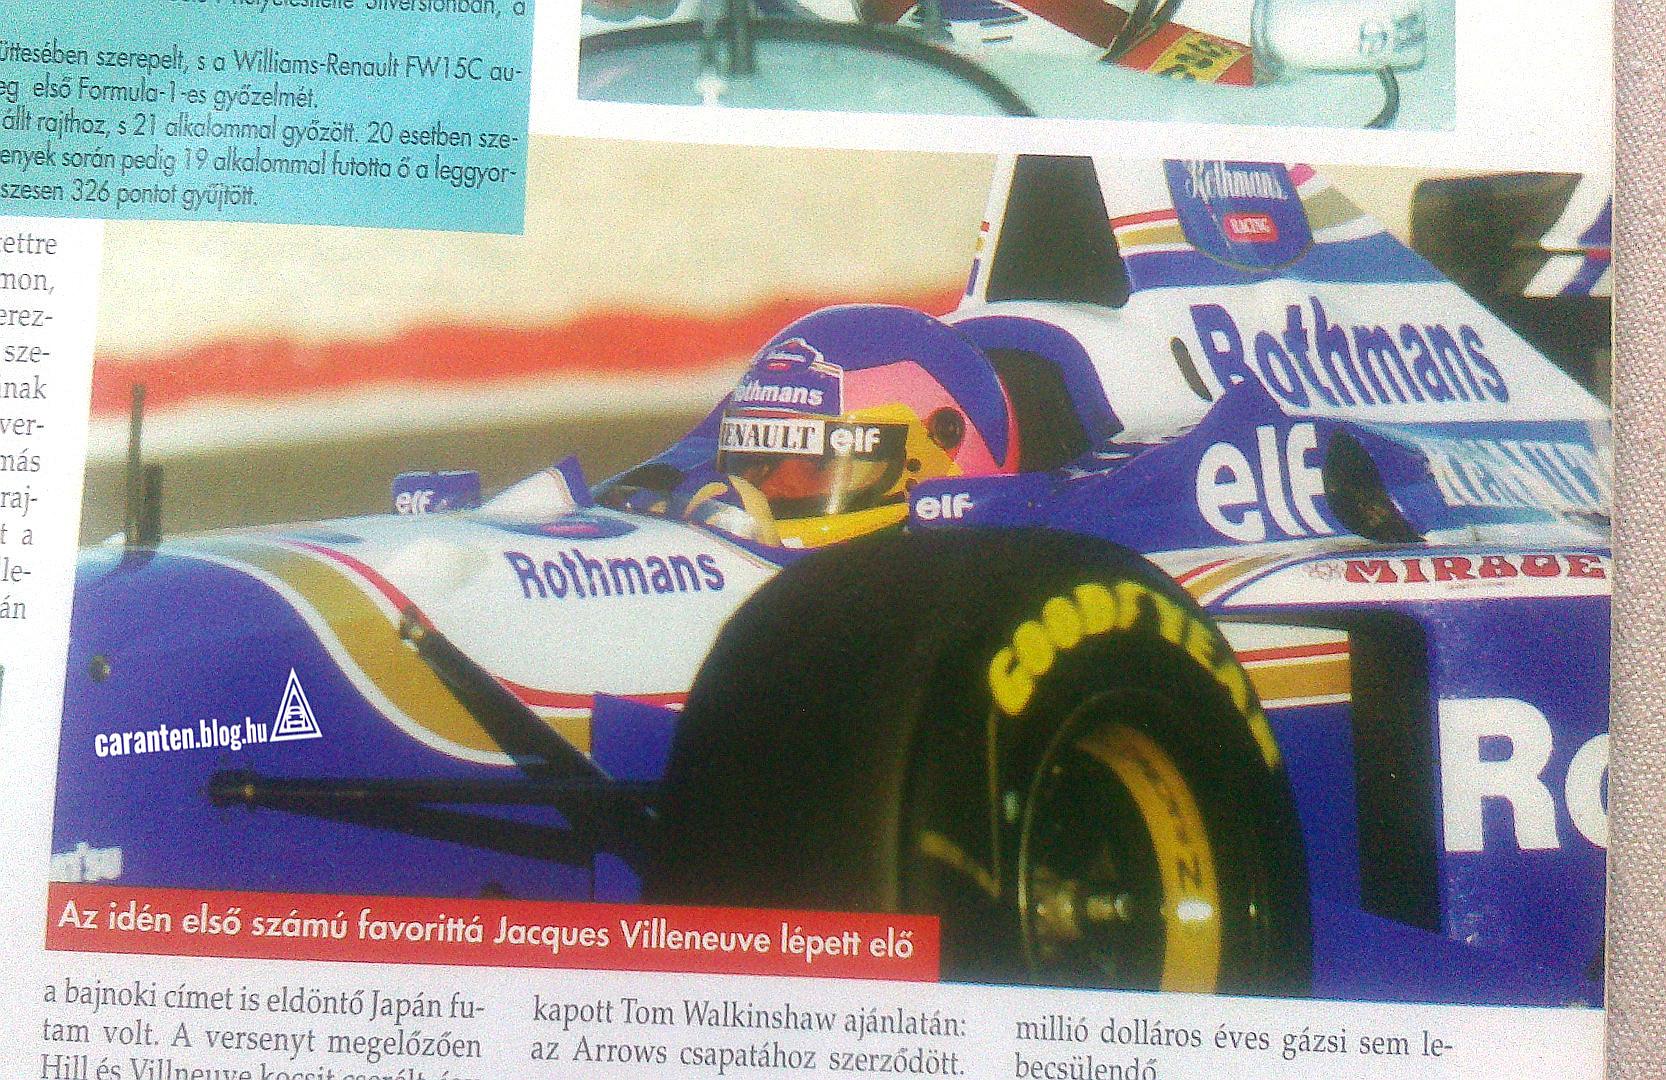 AM jóslat 1997 januárjából.